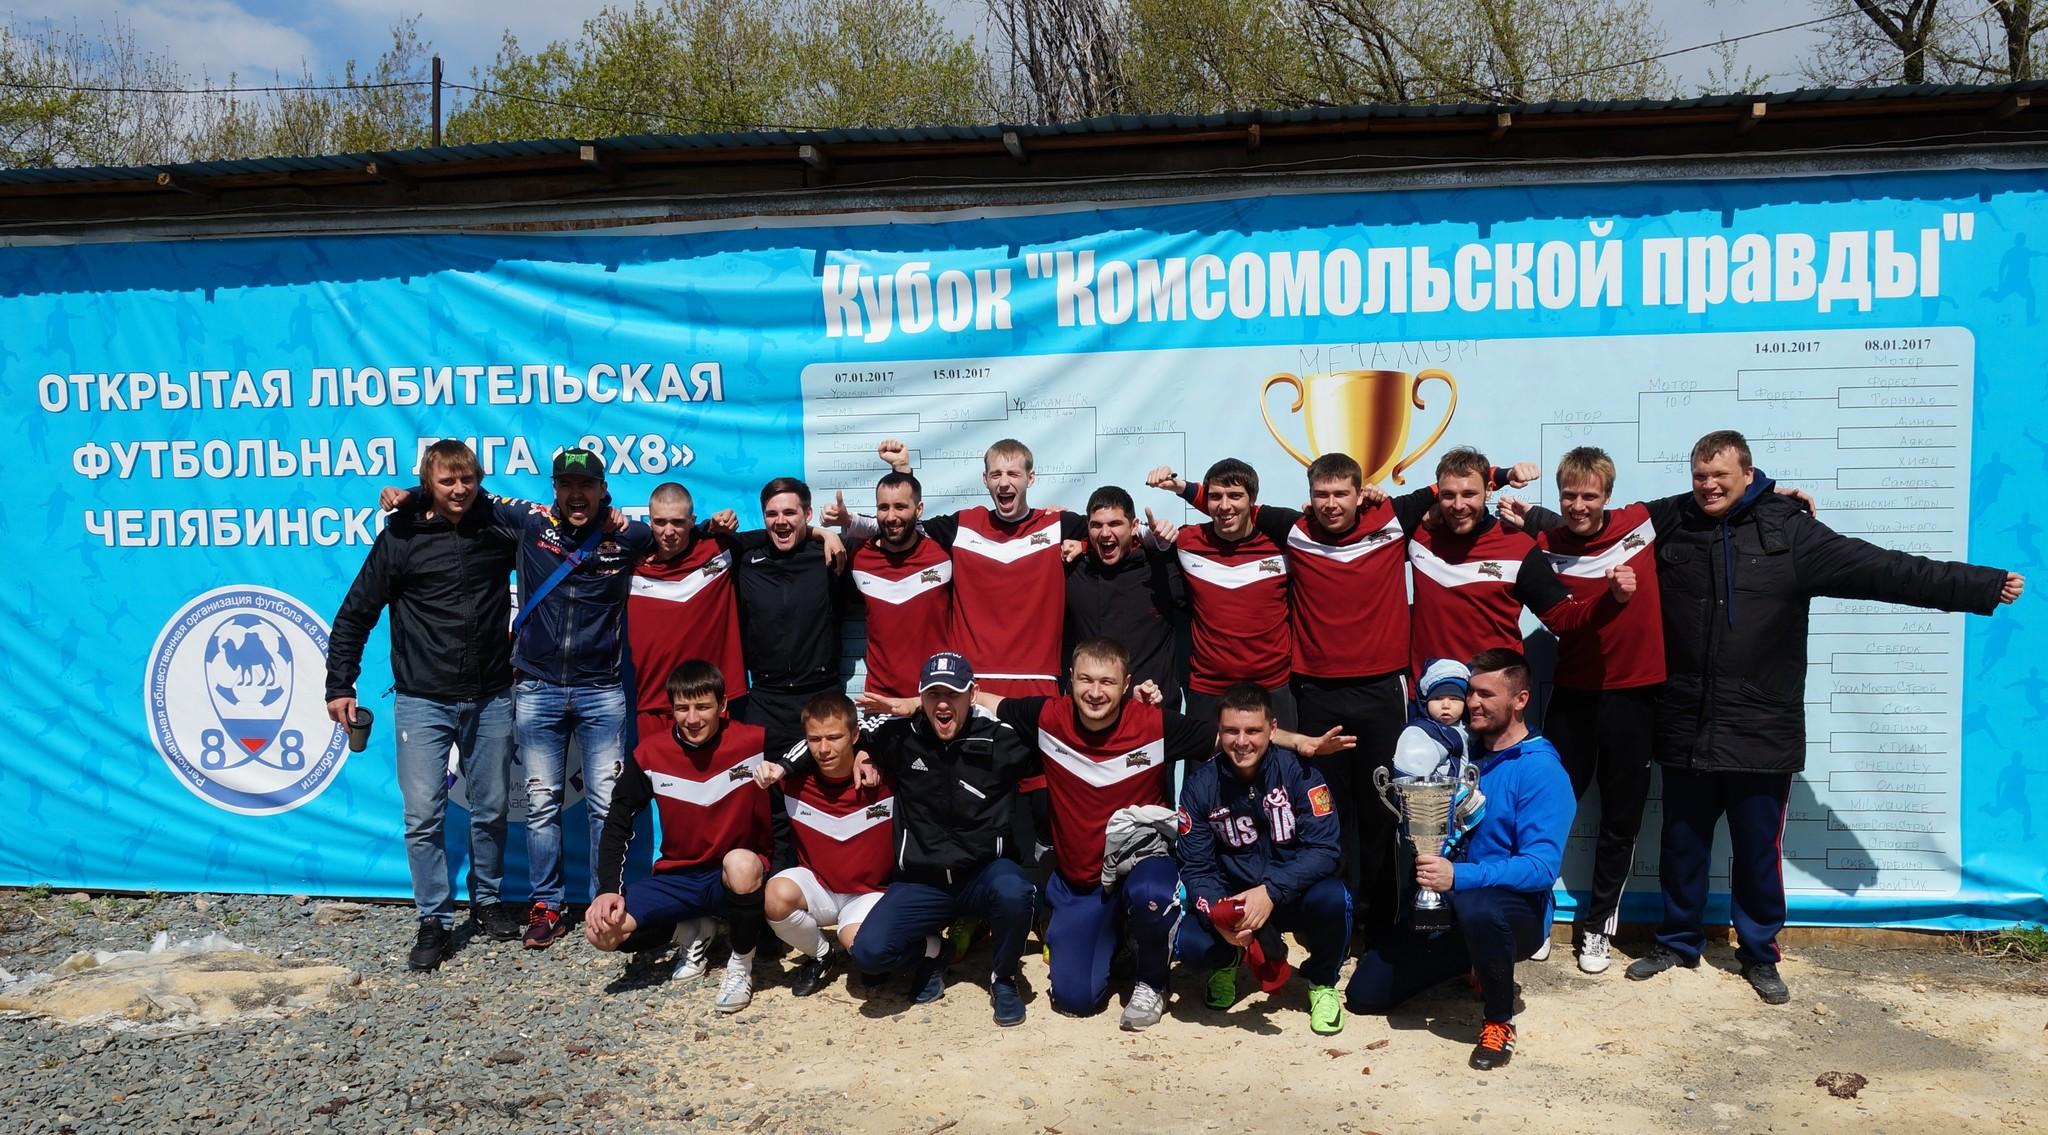 Финал кубка «Комсомольской Правды»